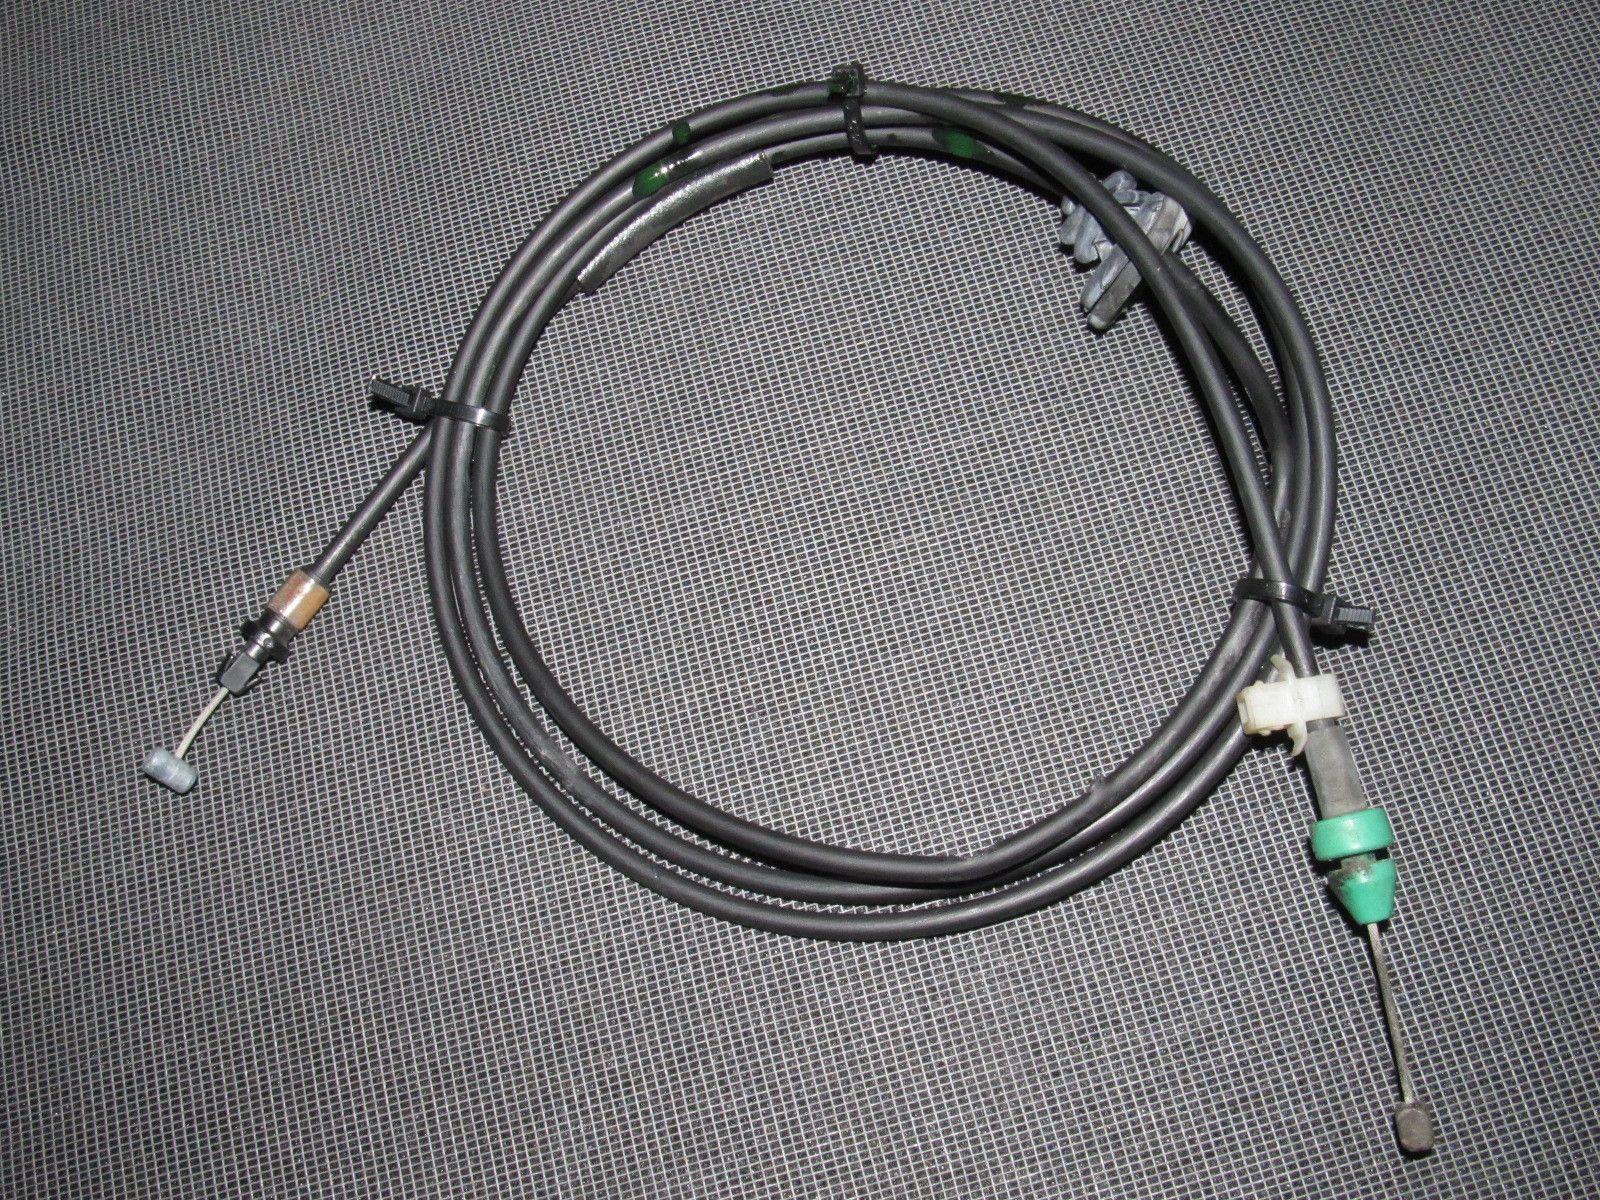 03 04 Infiniti G35 Sedan OEM Hood Release Cable | Autopartone.com ...